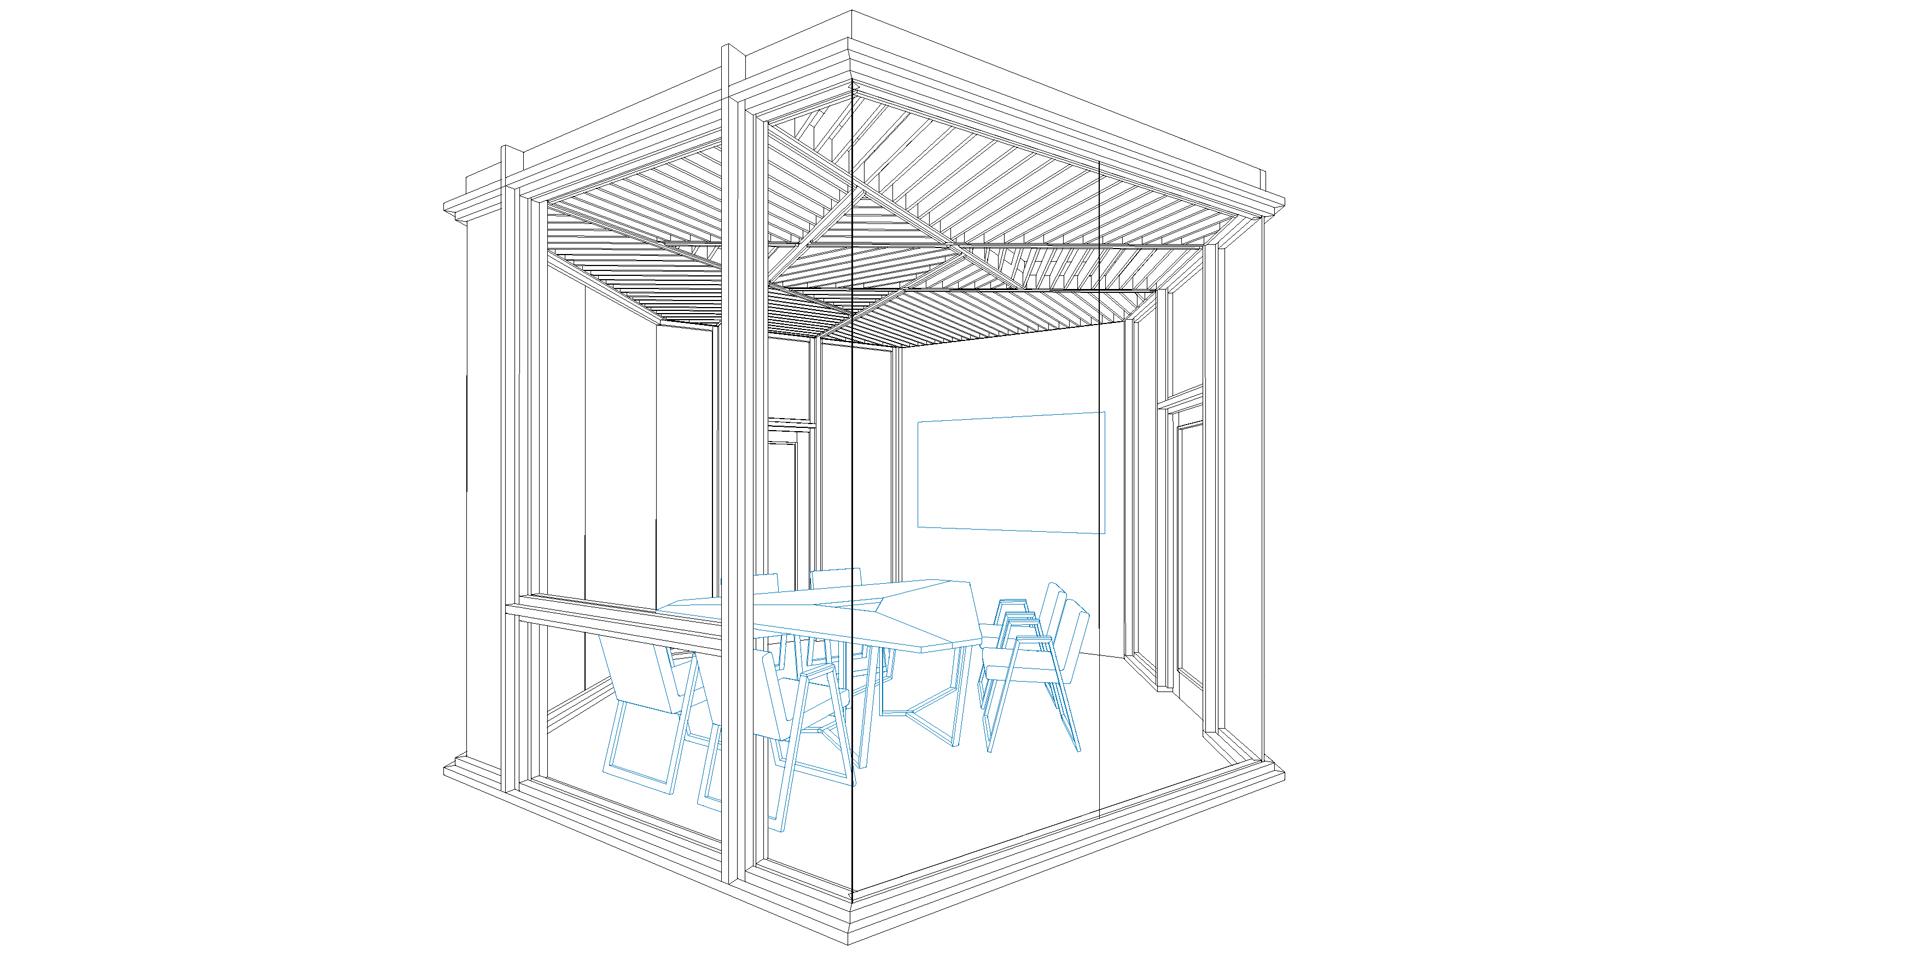 conference room option, wooden pavilion